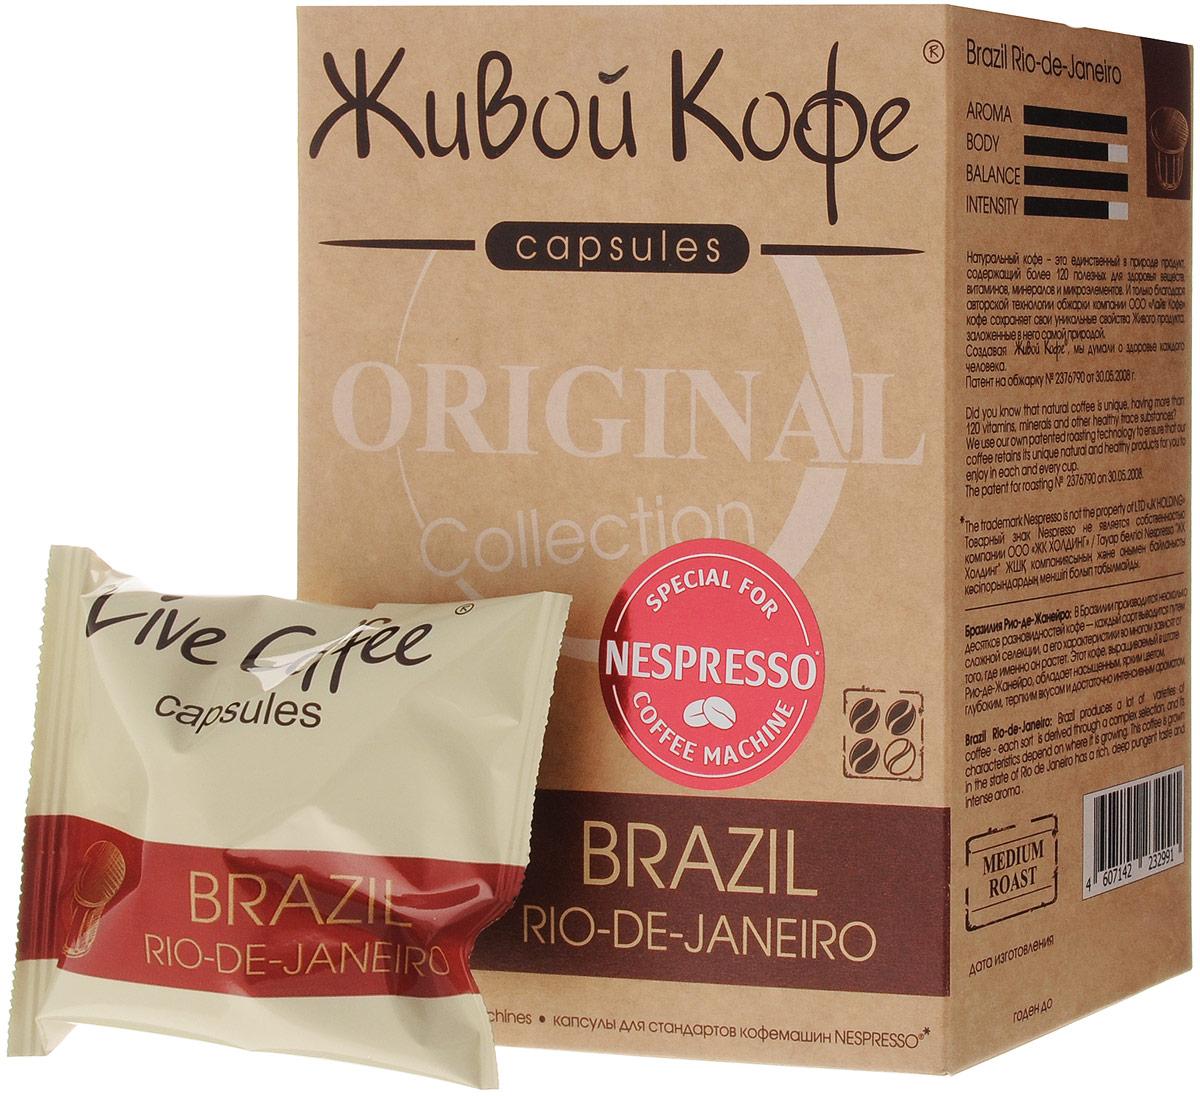 Живой Кофе Brazil Rio de Janeiro кофе в капсулах (индивидуальная упаковка), 10 шт